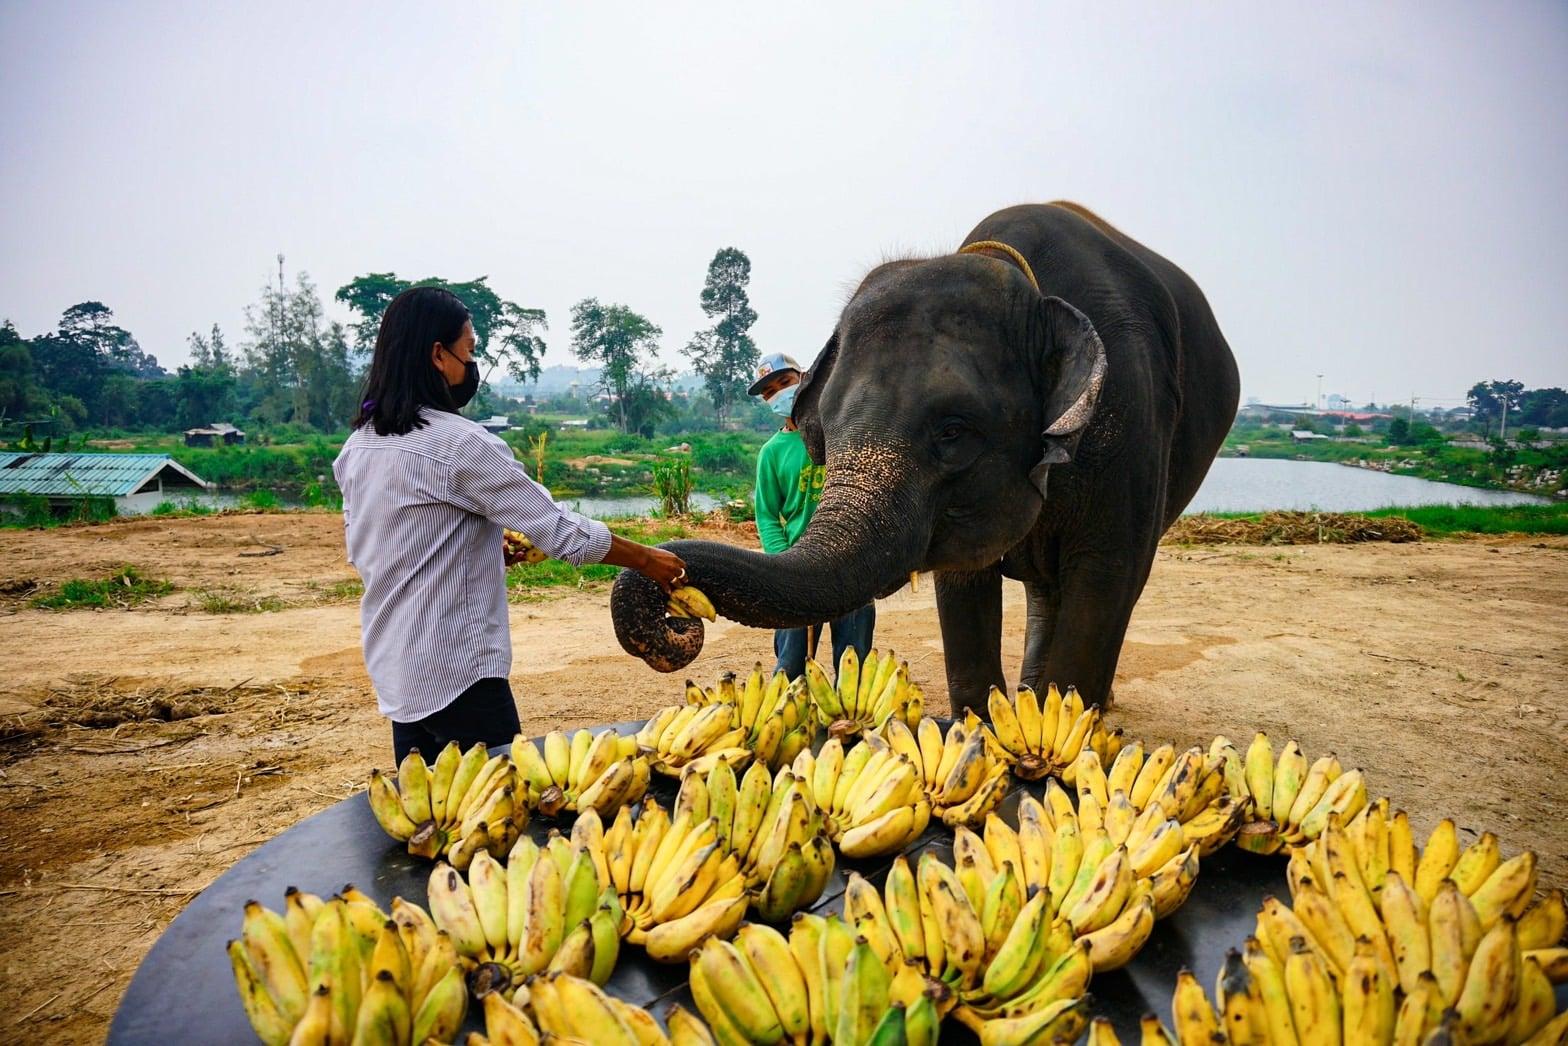 """ลูกค้าใจบุญ สมทบทุน ซื้อกล้วยให้ ช้างตั้งครรภ์ """"พังกอหญ้า"""